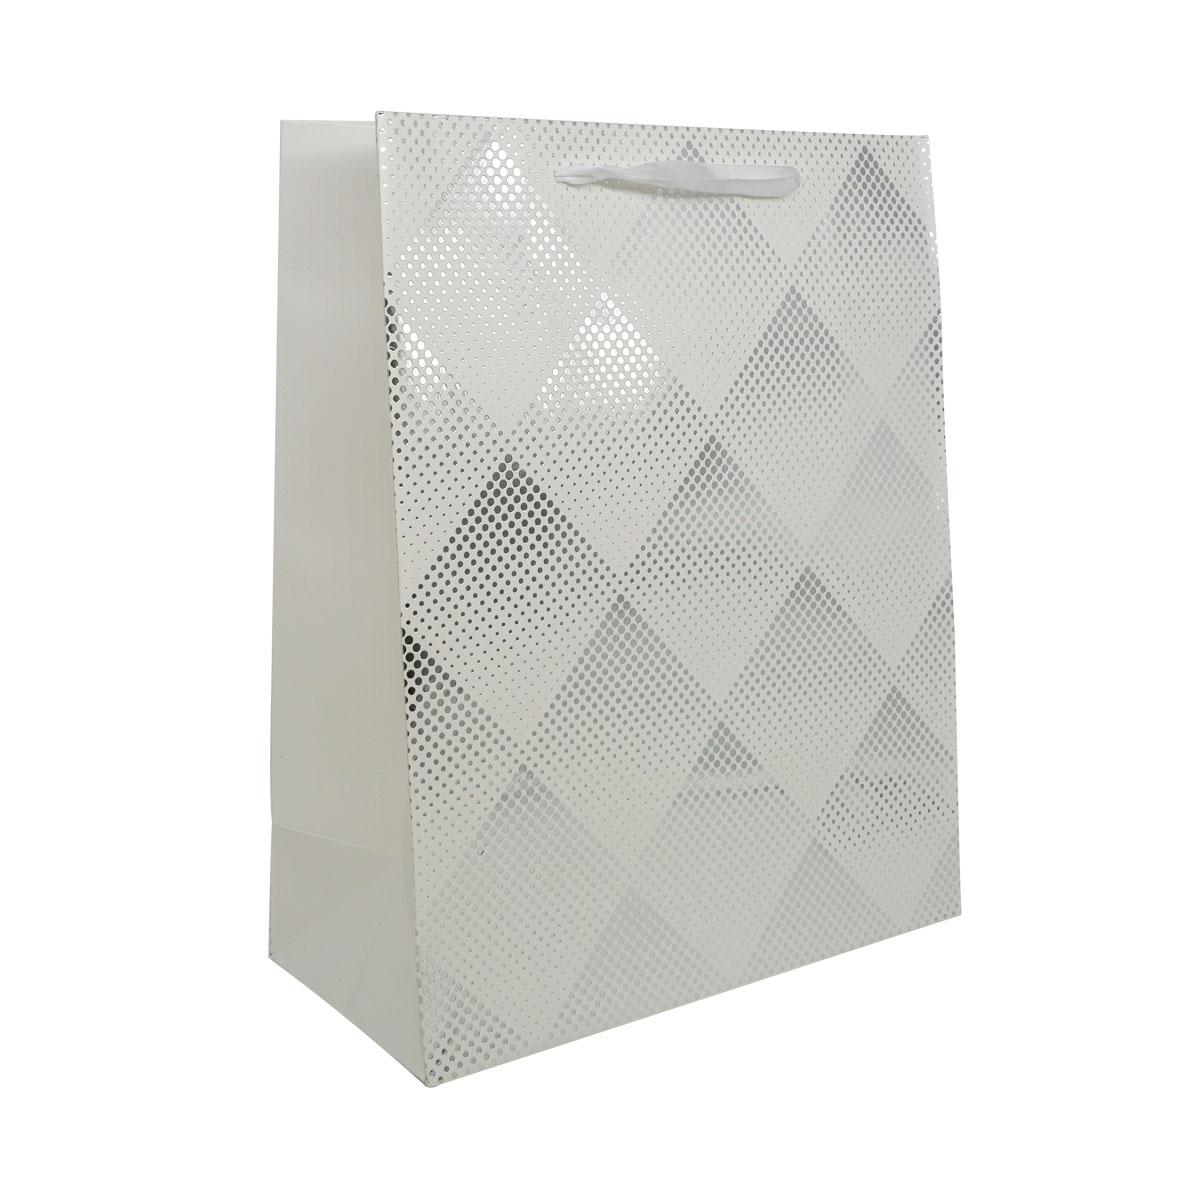 BK958 Пакет подарочный ламинированный, 32*26*12см (D белый)